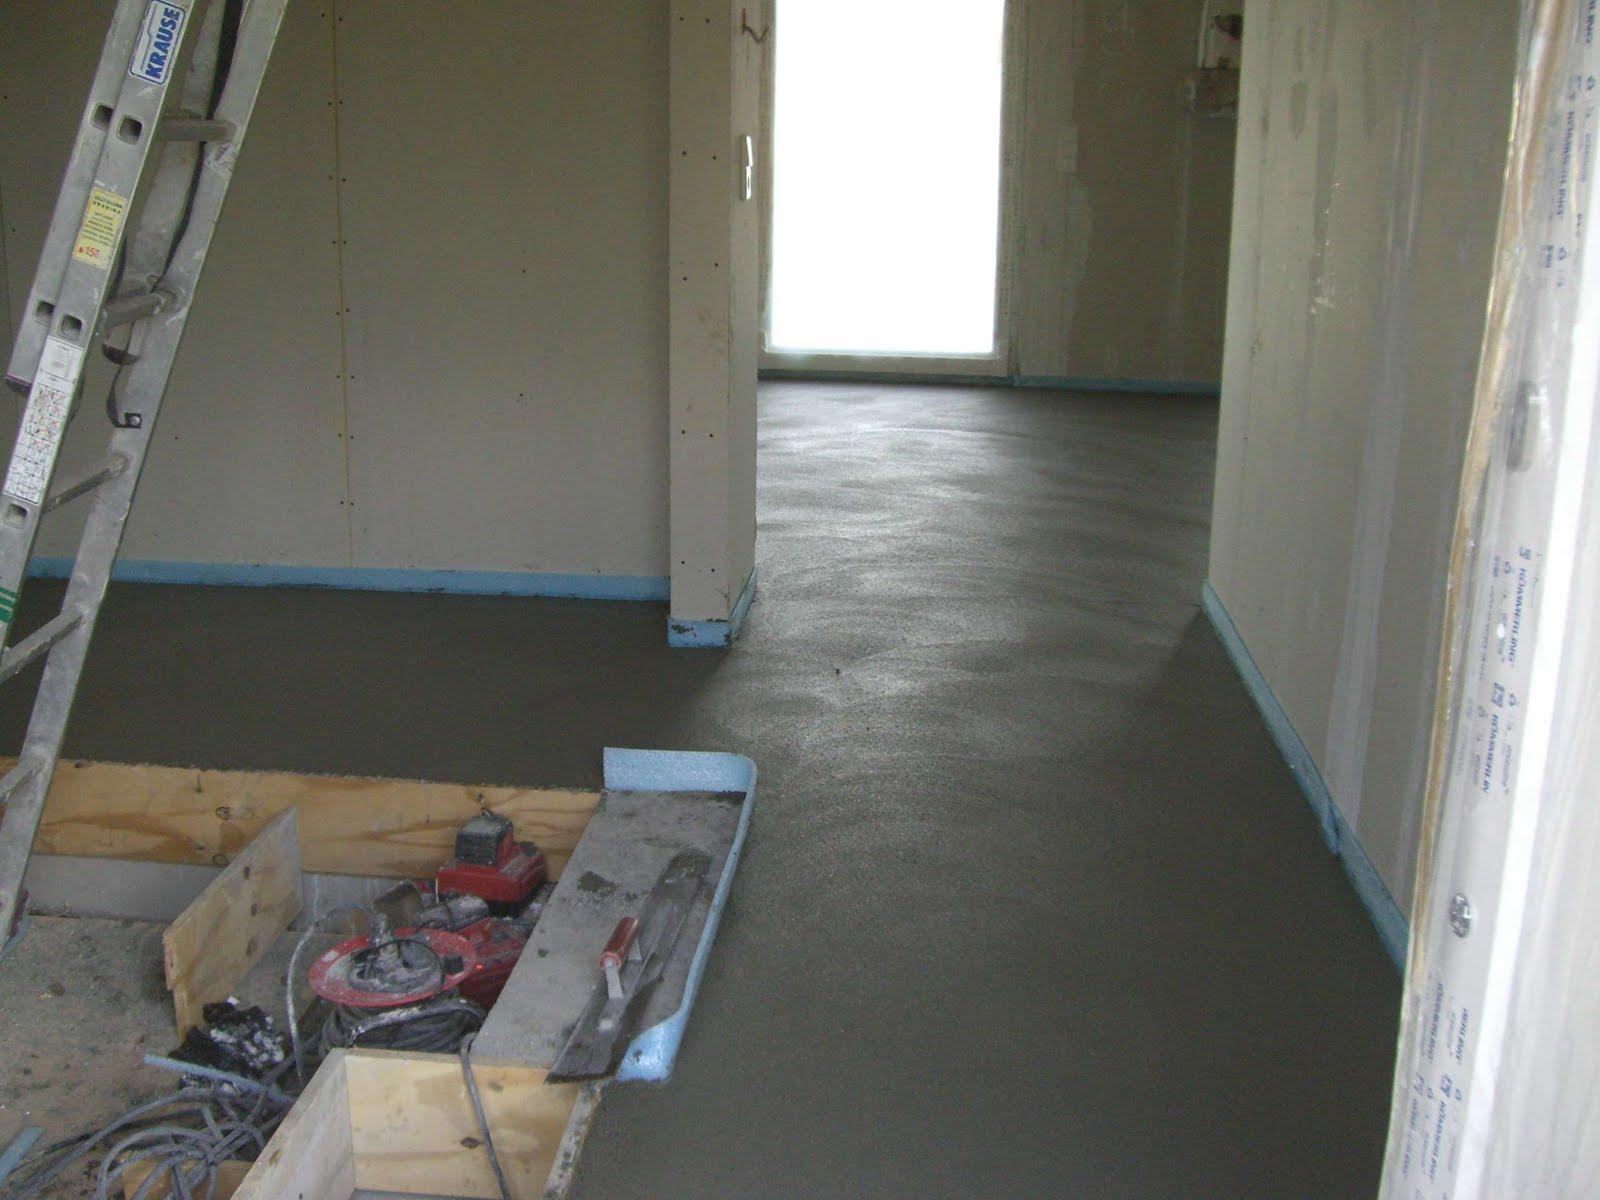 christian susi bauen ein haus mit danwood 2 wochen sind vorbei und heute ist schon der putz. Black Bedroom Furniture Sets. Home Design Ideas